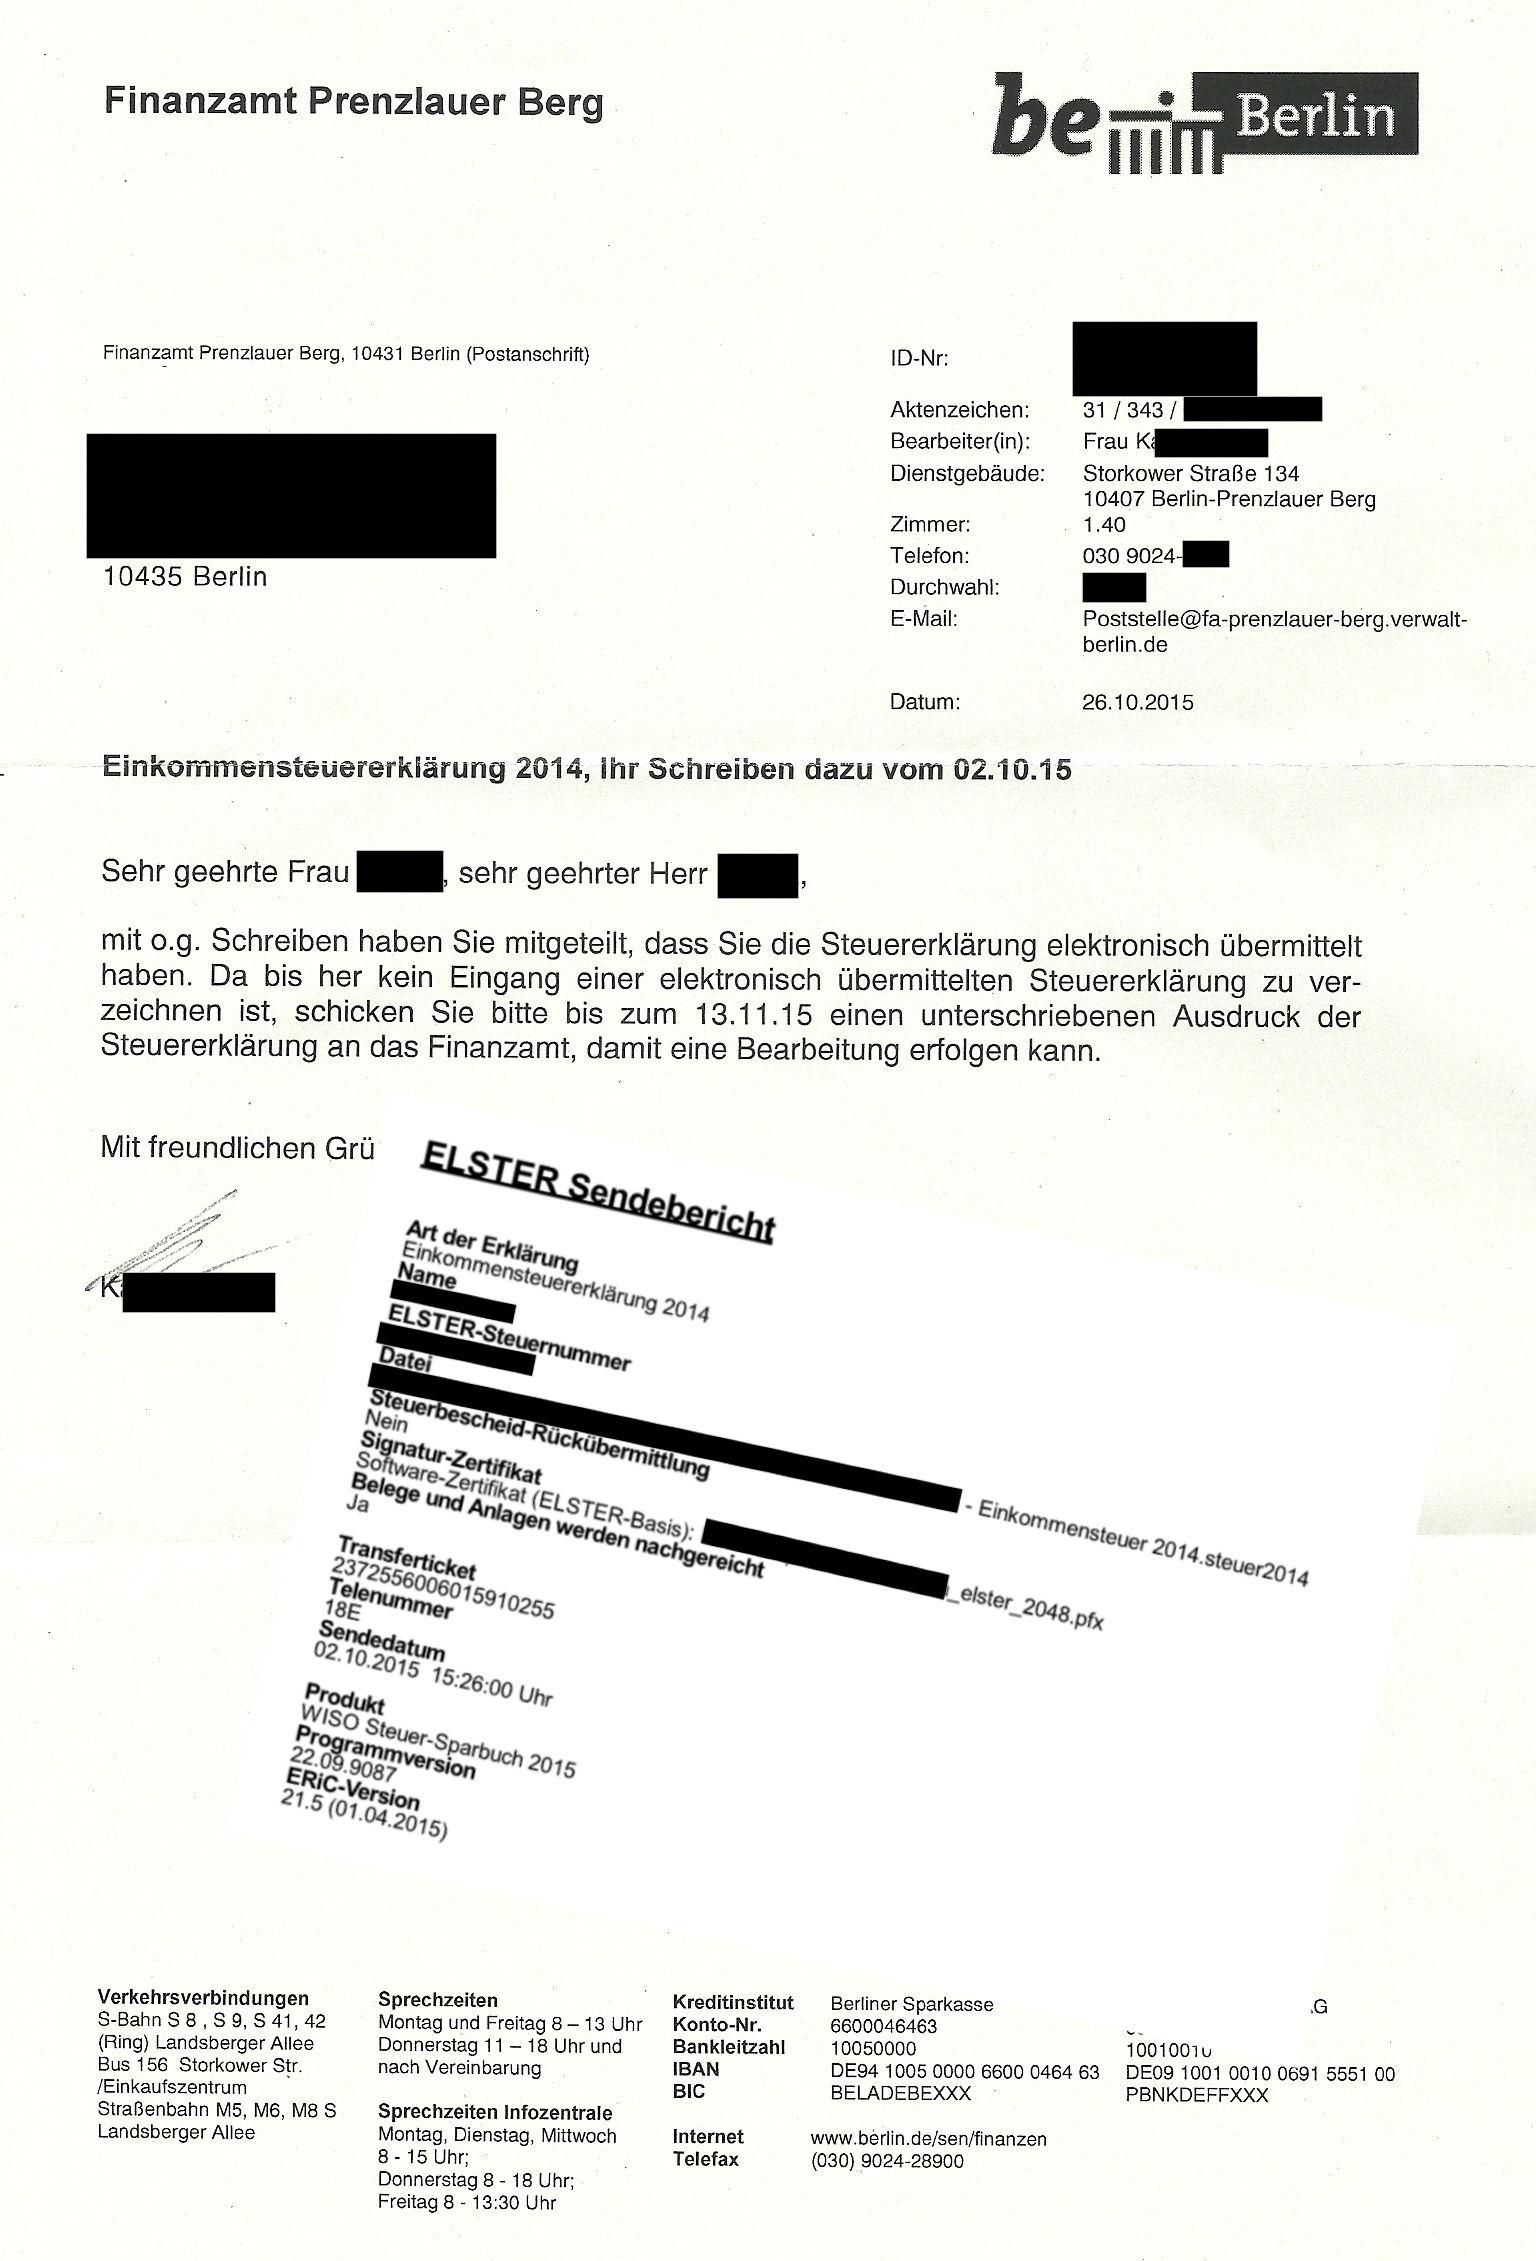 Finanzamt_NichtÜbermittlung